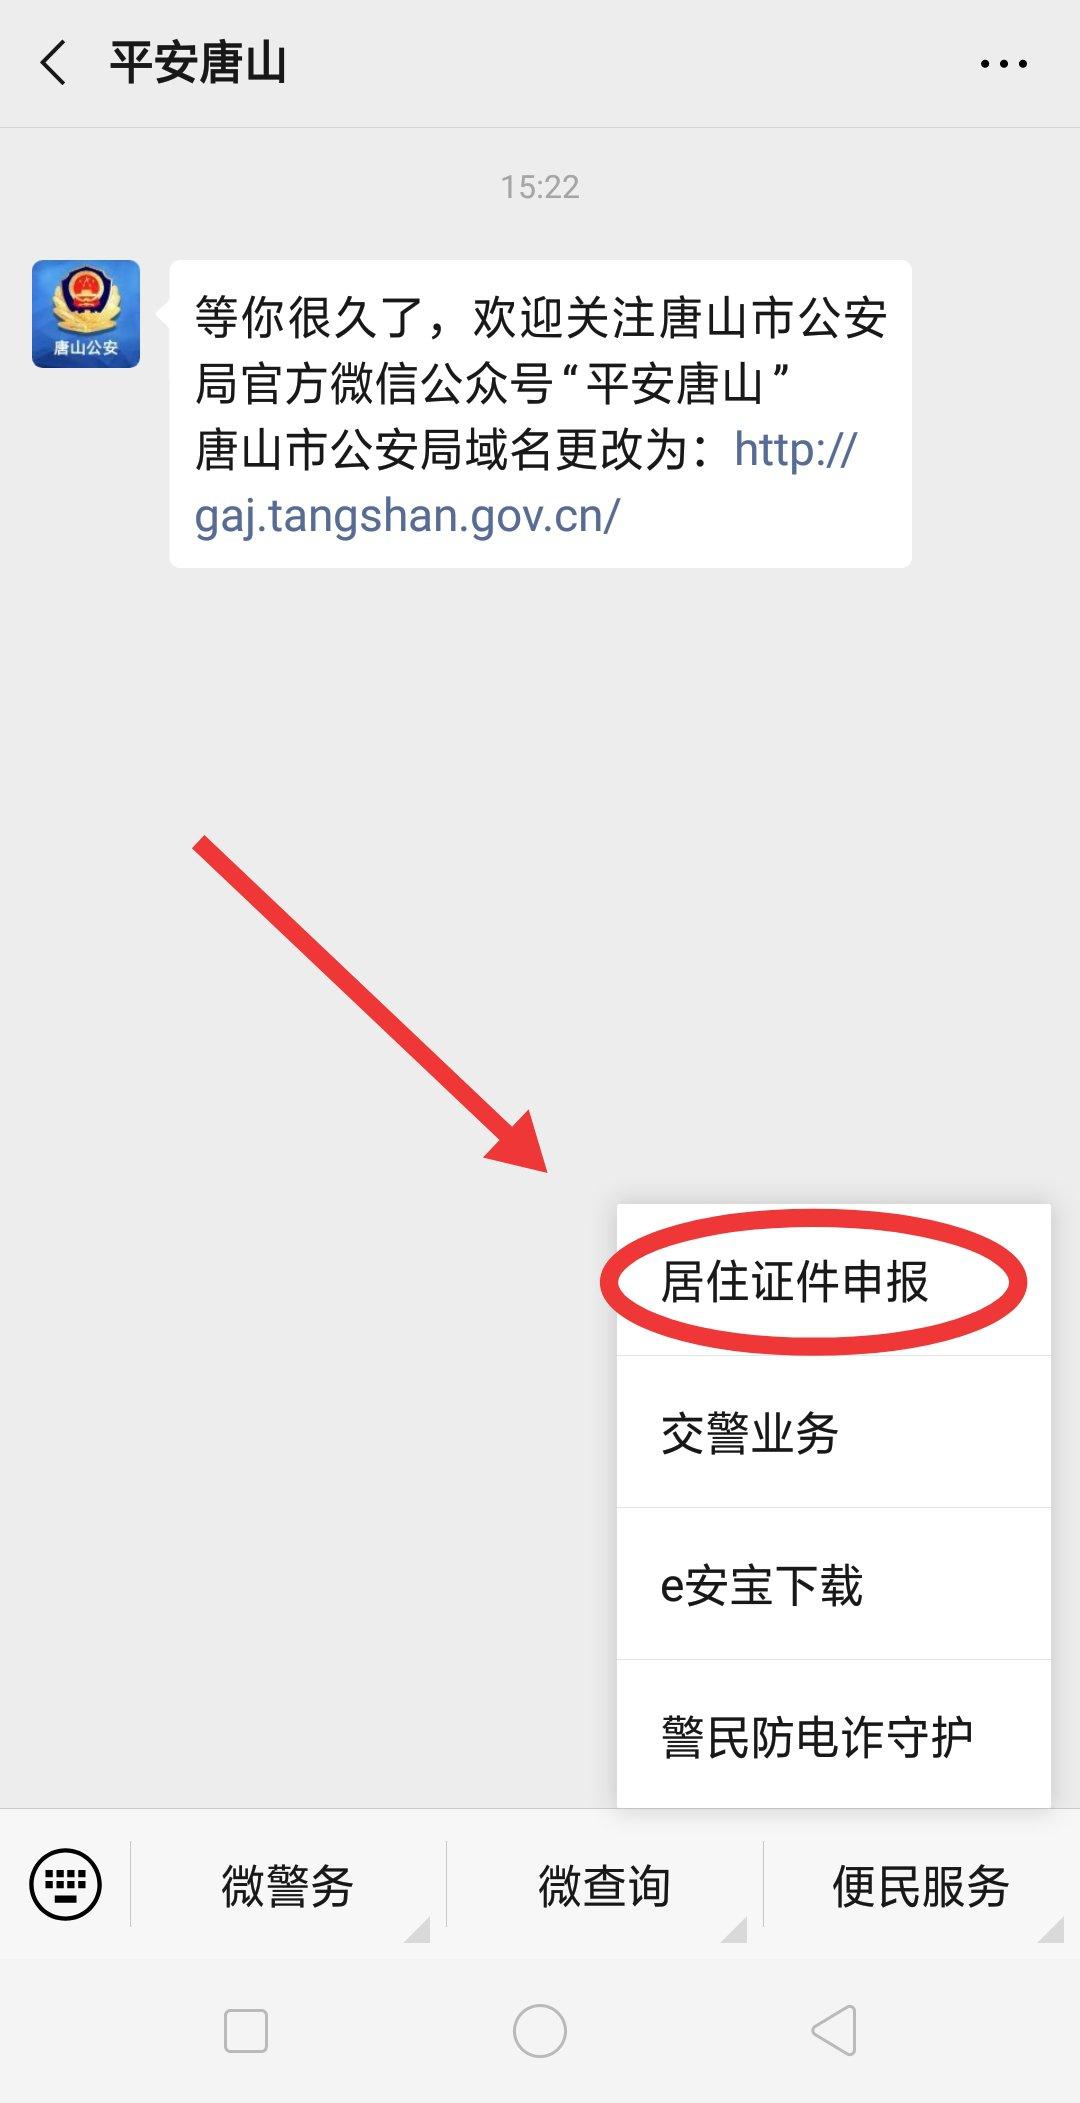 老虎机游戏:居住证网上办理指南